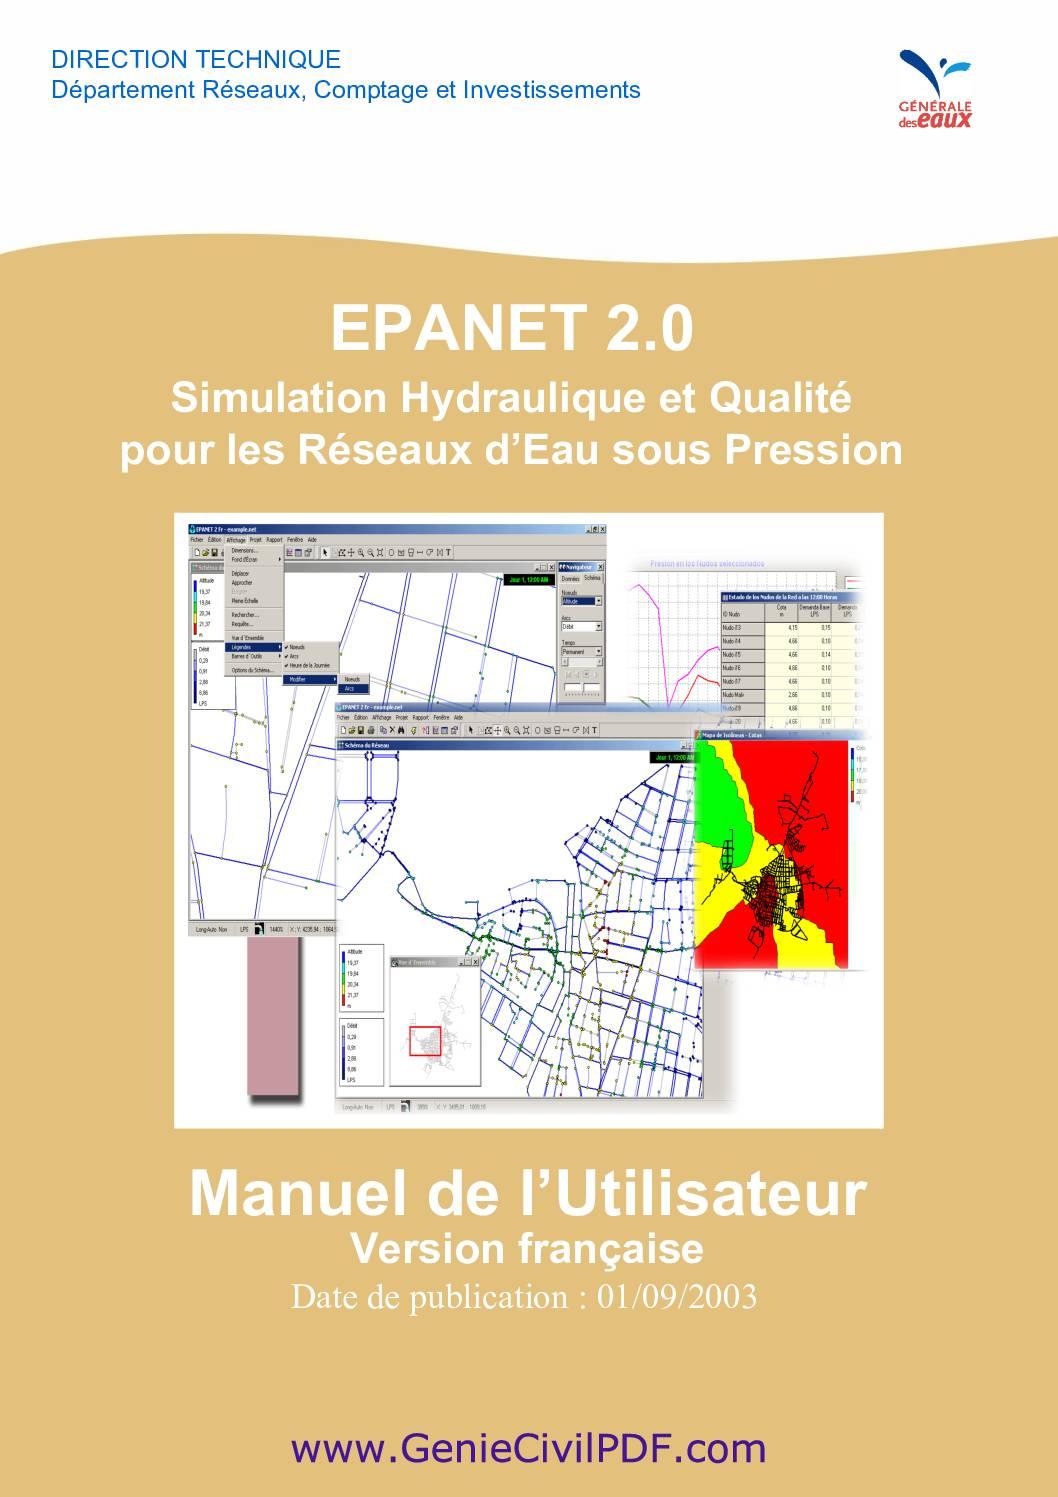 Guide d'utlisation du logiciel EPANET